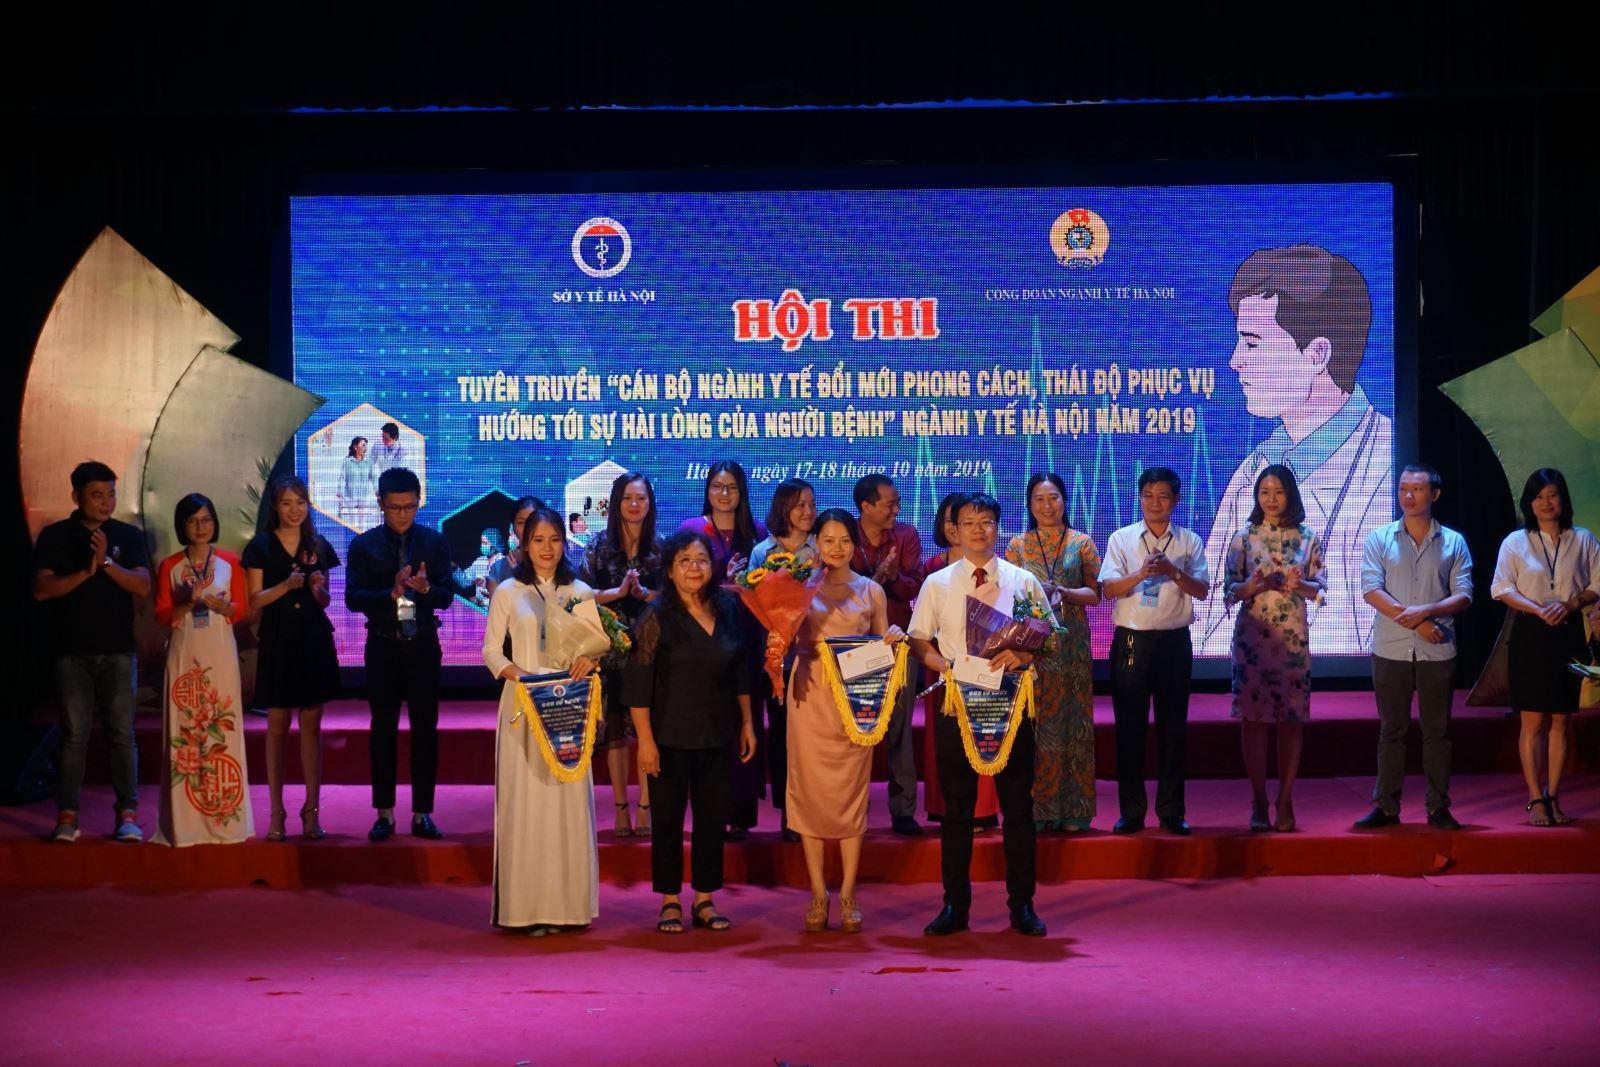 Trung tâm Kiểm soát bệnh tật Thành phố Hà Nội đạt giải Nhì hội thi do Ngành Y tế tổ chức 7